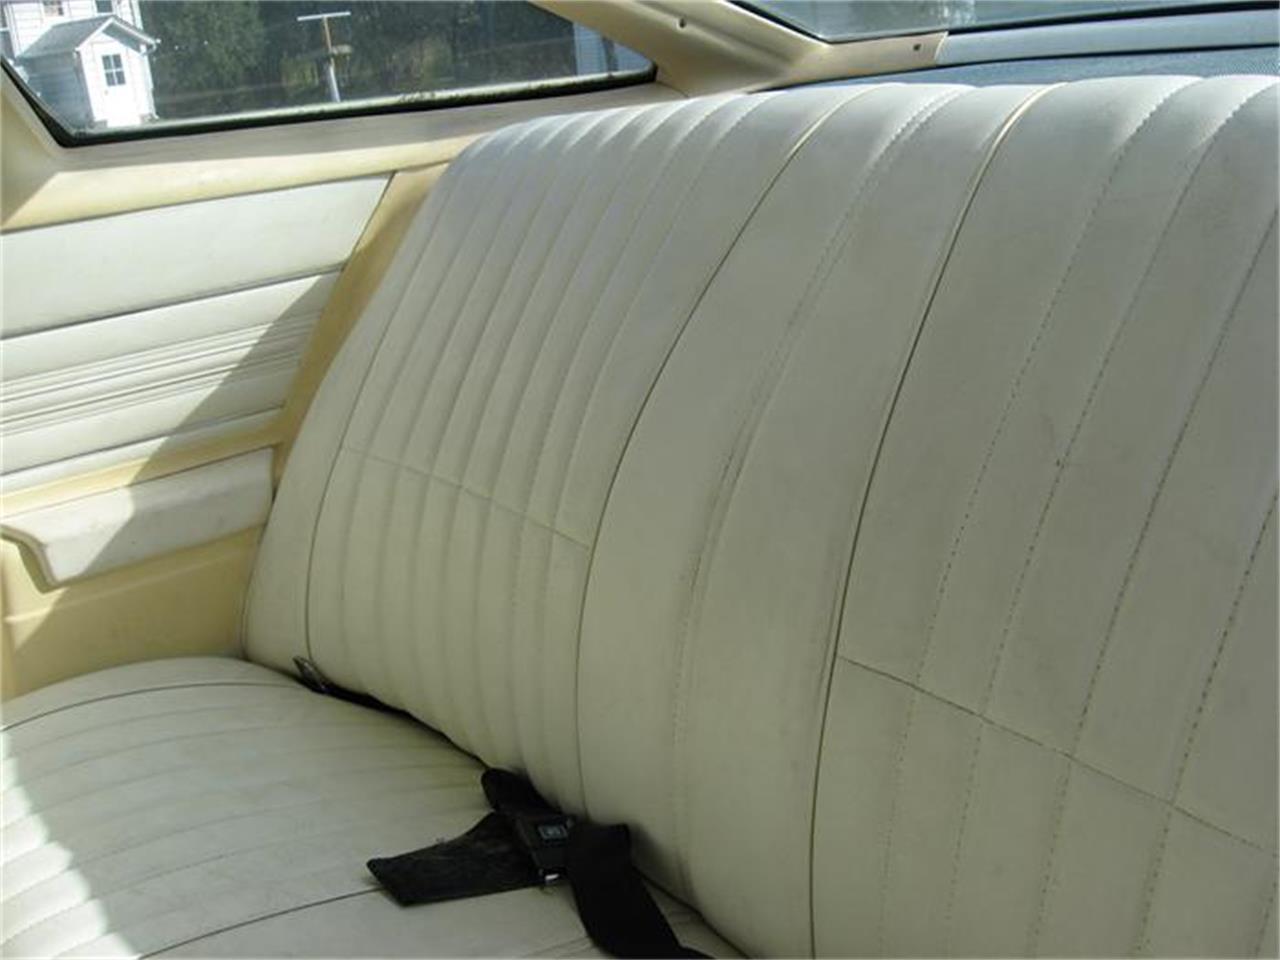 Large Picture of '77 Cutlass S - $10,000.00 - 7YN4